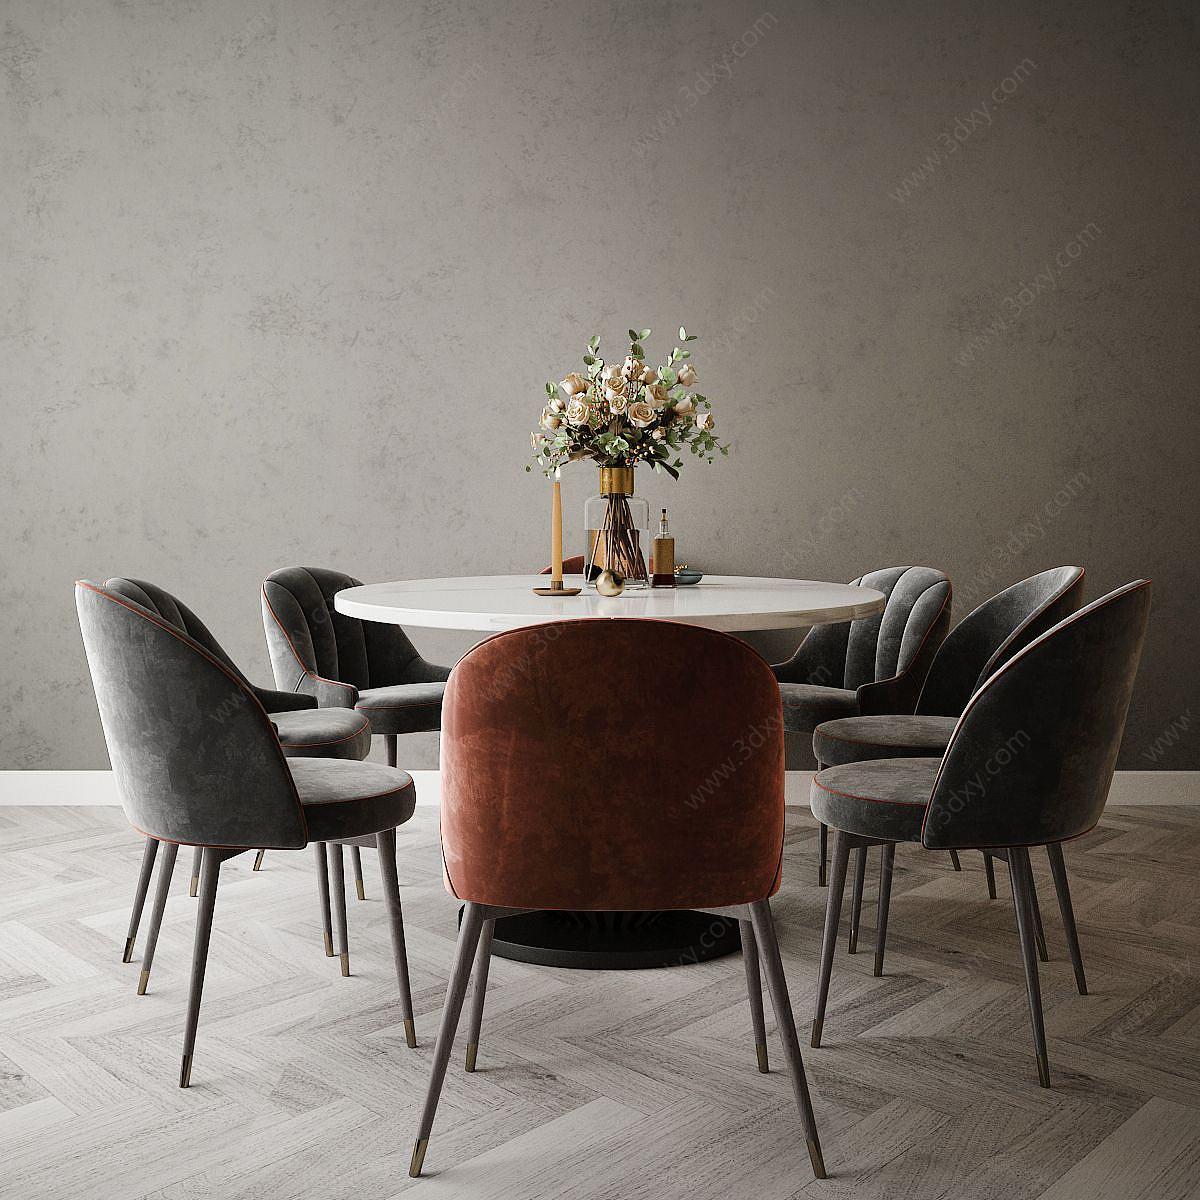 現代風格餐桌